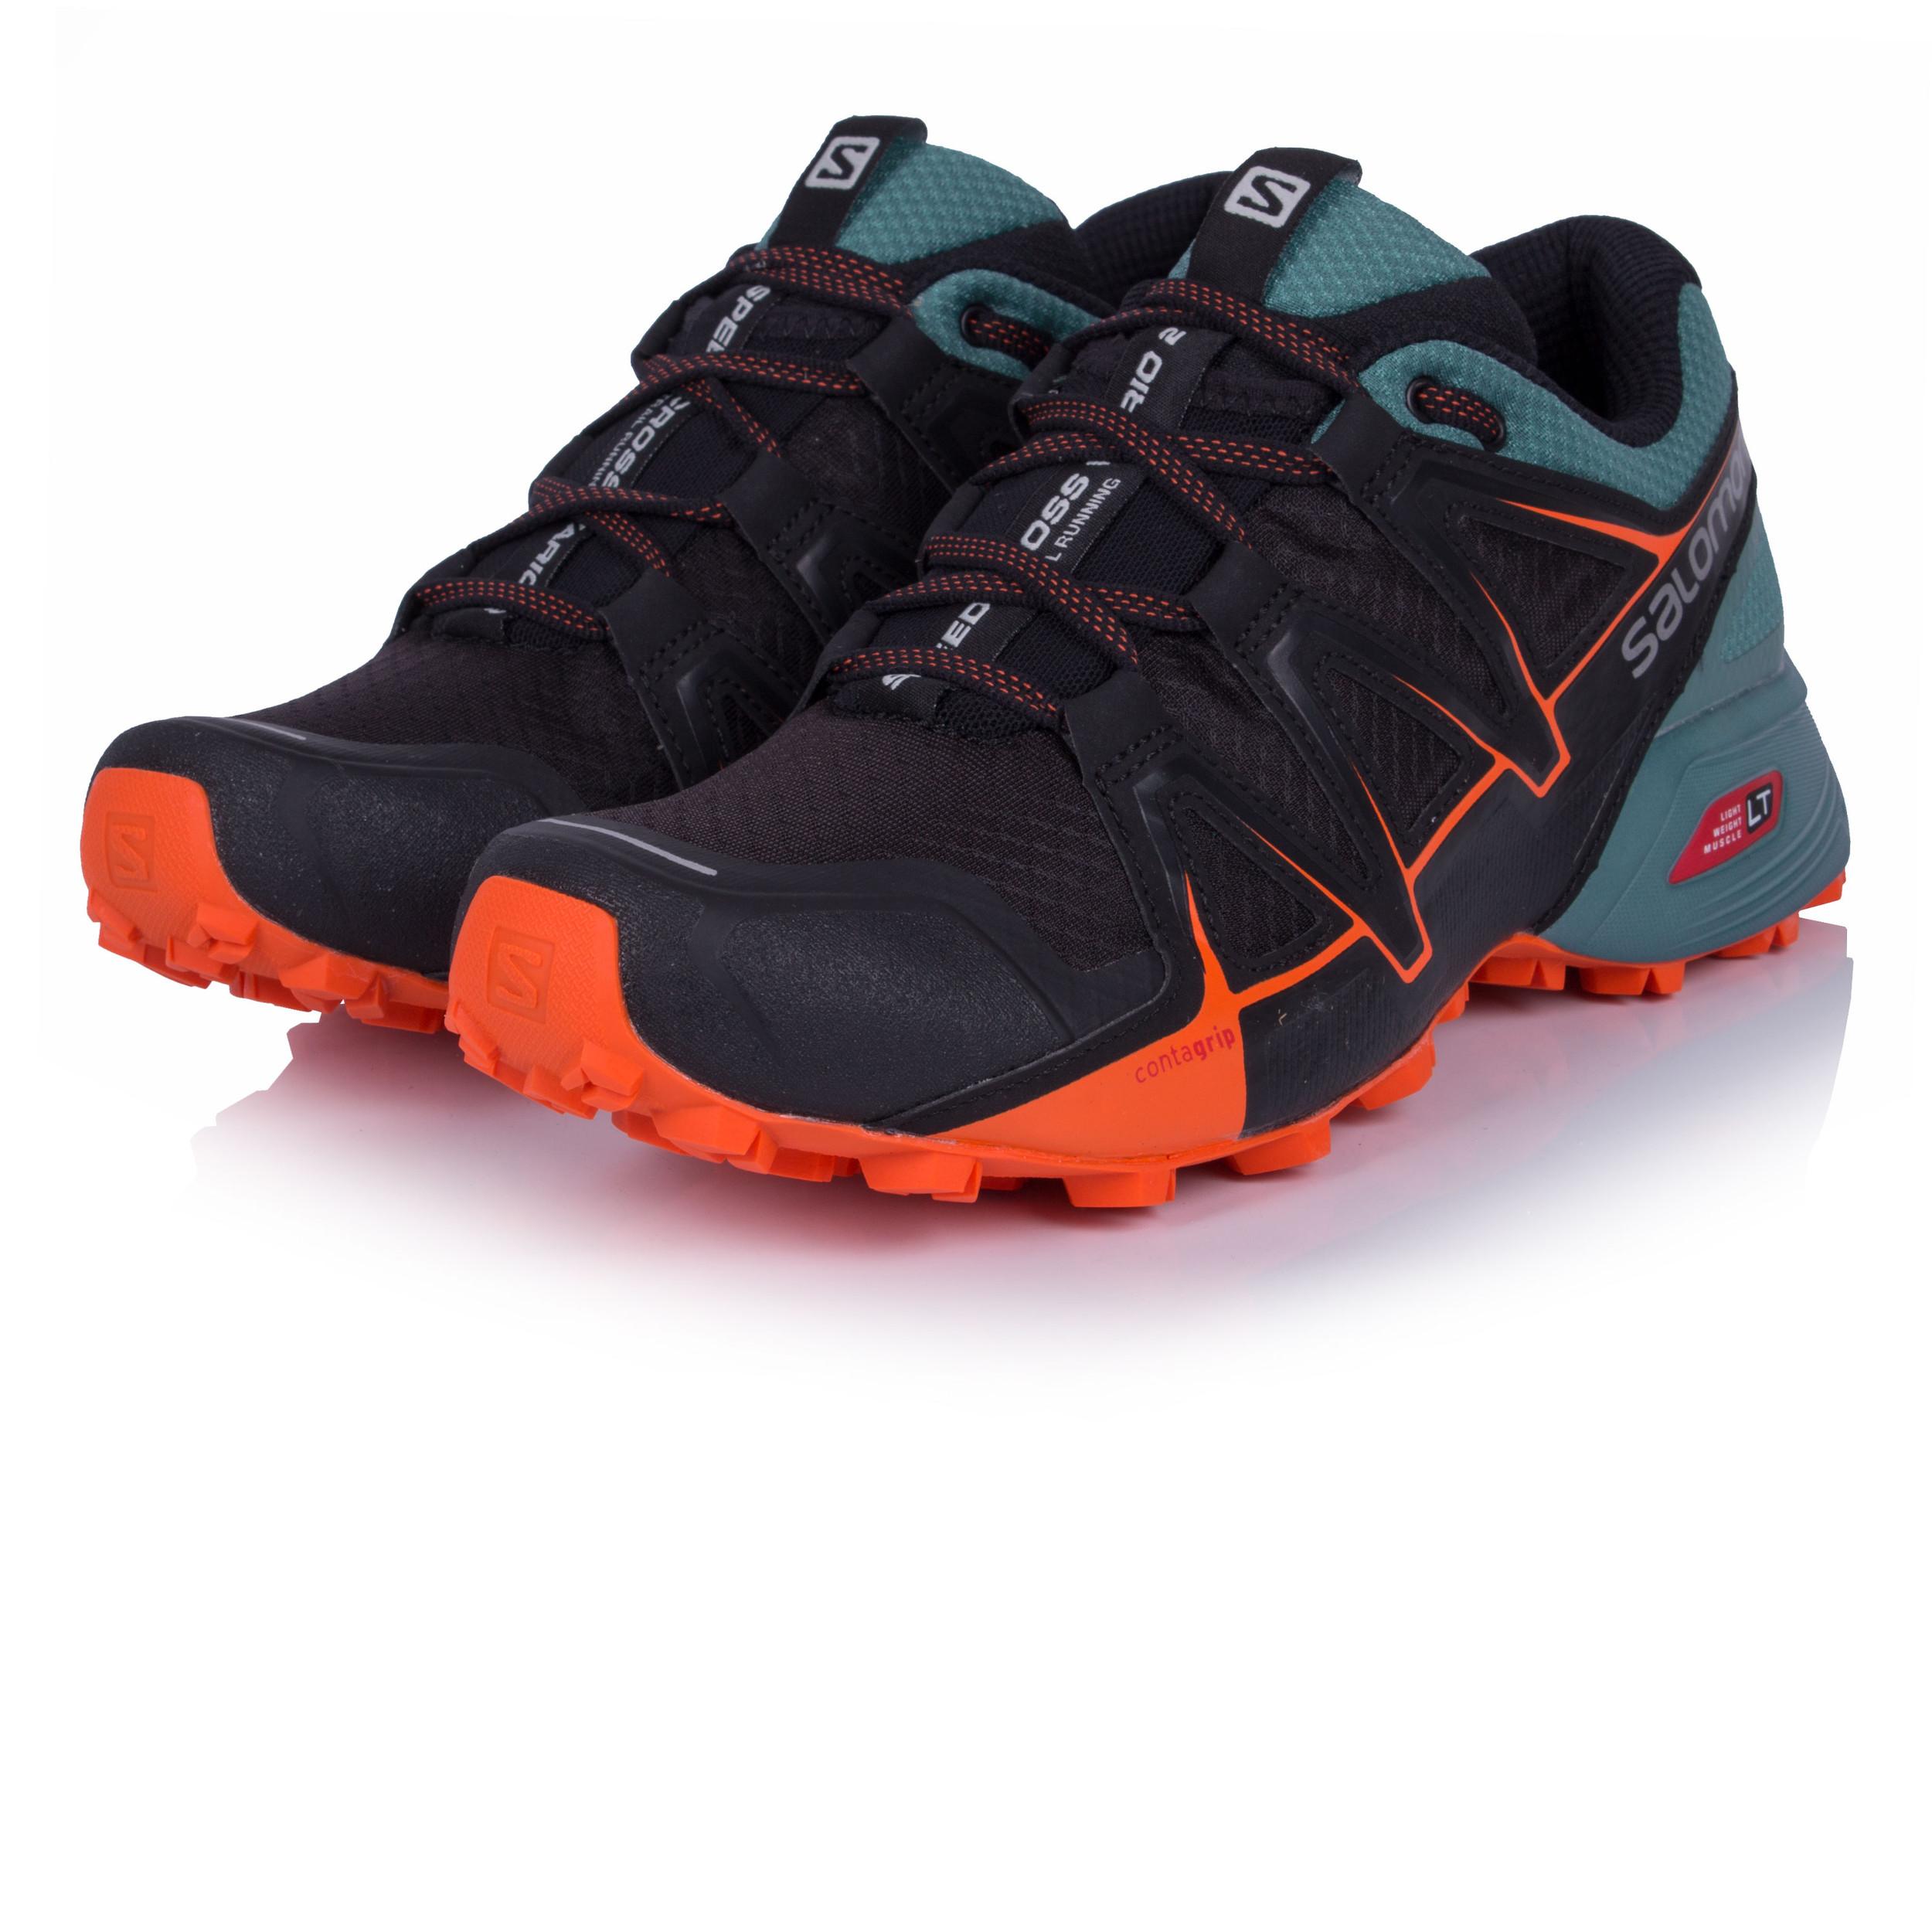 Details about Salomon Speedcross Vario 2 Mens Blue Black Trail Running  Shoes Trainers 254d44d9496